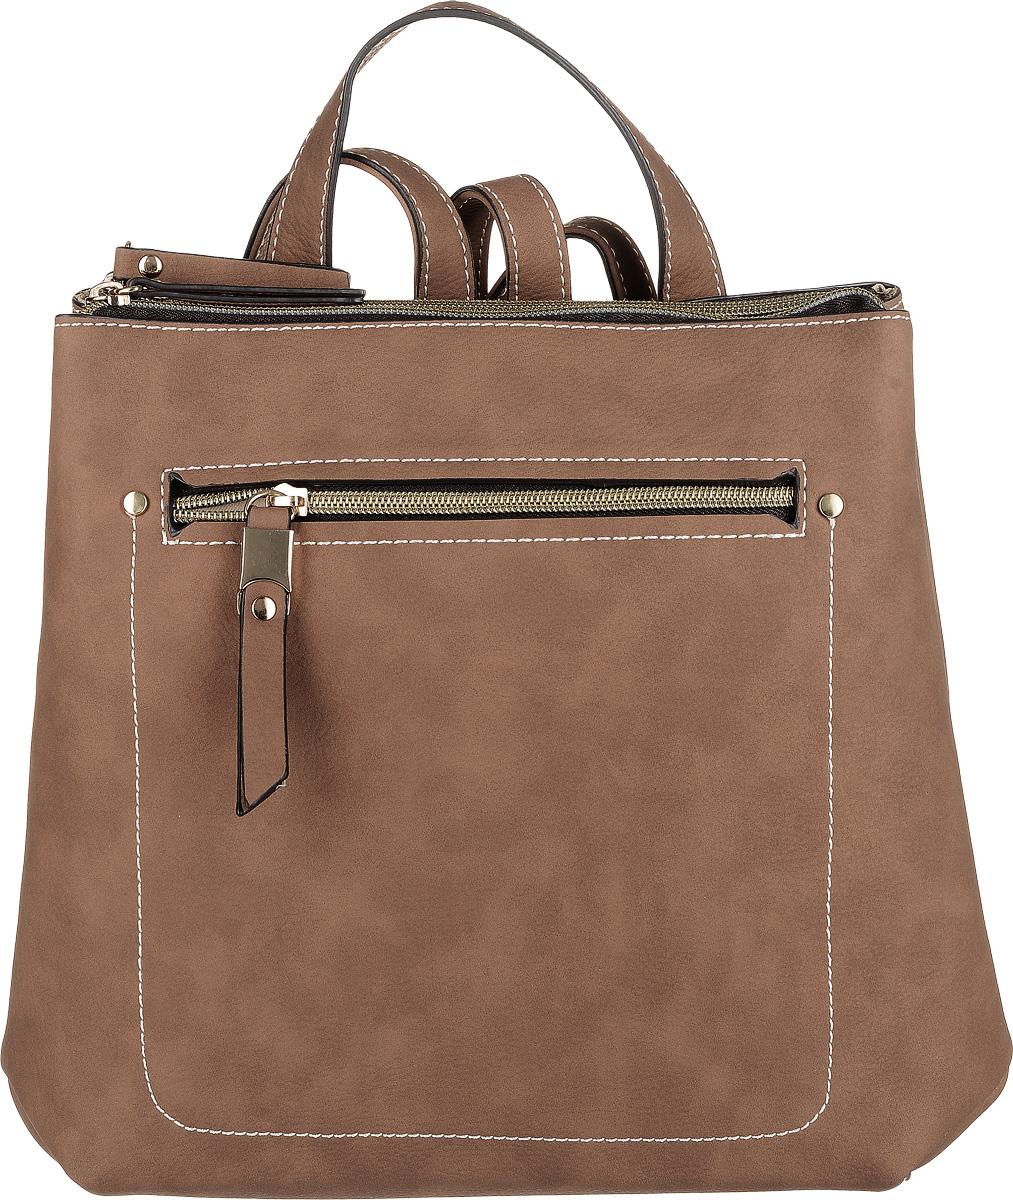 Рюкзак женский Jane Shilton, цвет: светло-коричневый. 2291 2291lt_tan